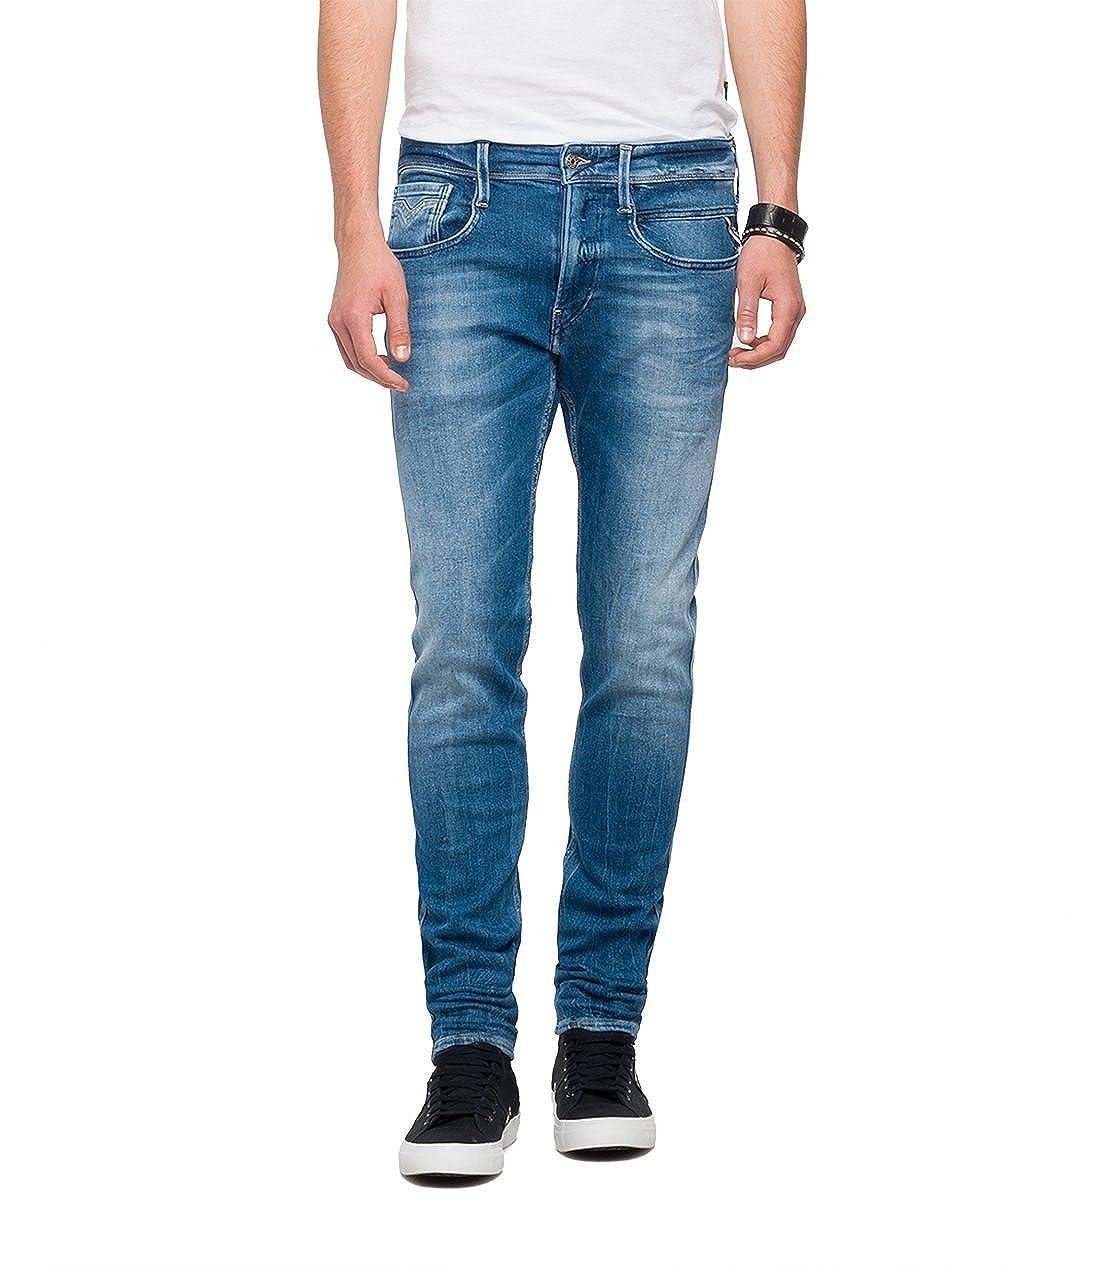 Replay Herren Slim Jeans Anbass Anbass Anbass B077K6D6L4 Jeanshosen Neue Sorten werden eingeführt 887177